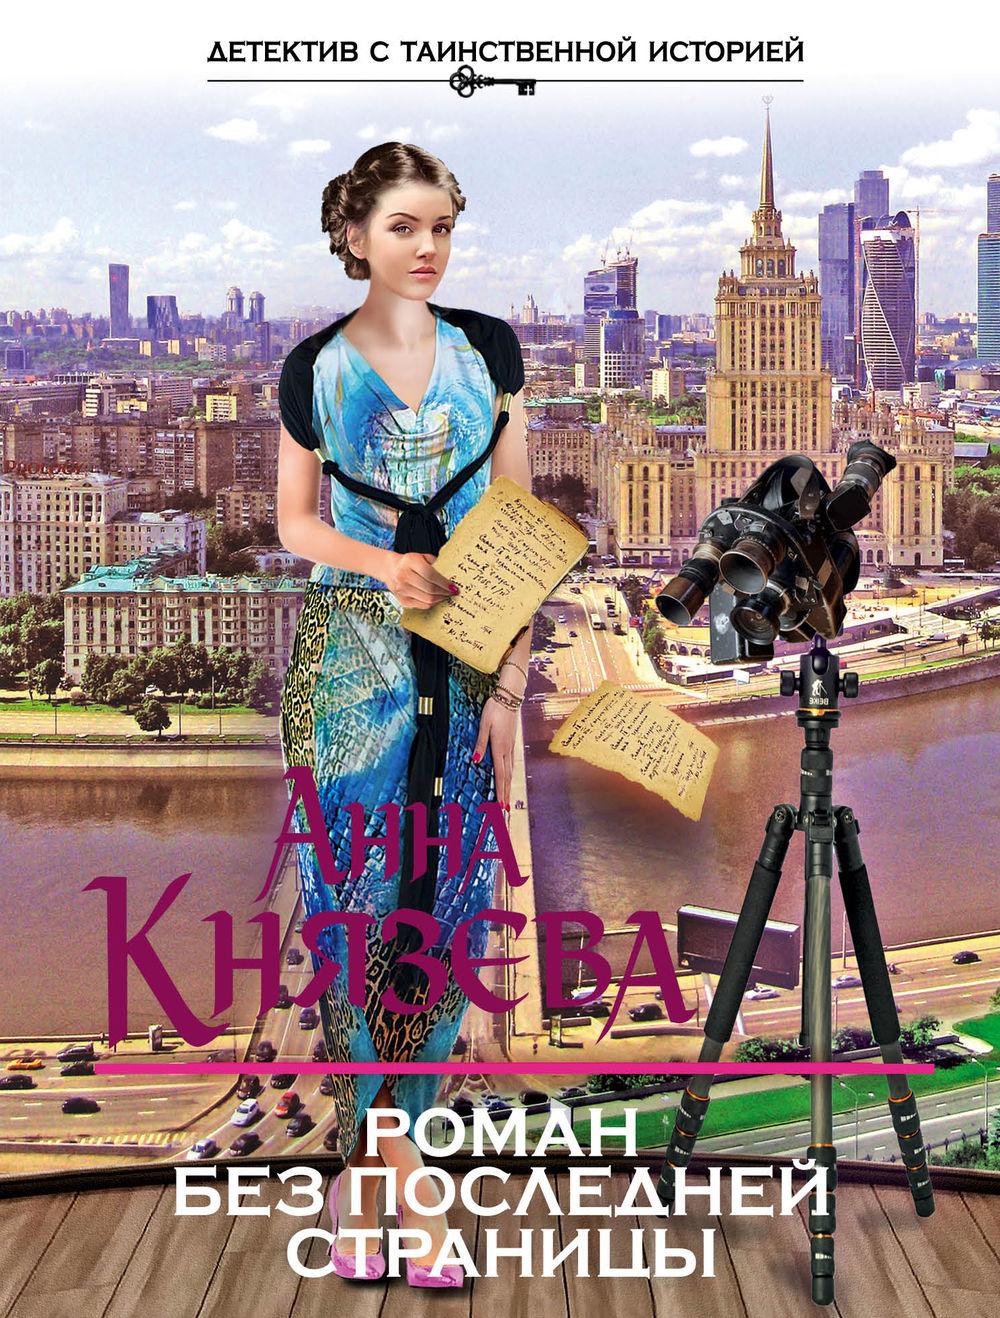 Купить Роман без последней страницы, Анна Князева, 978-5-699-76500-3